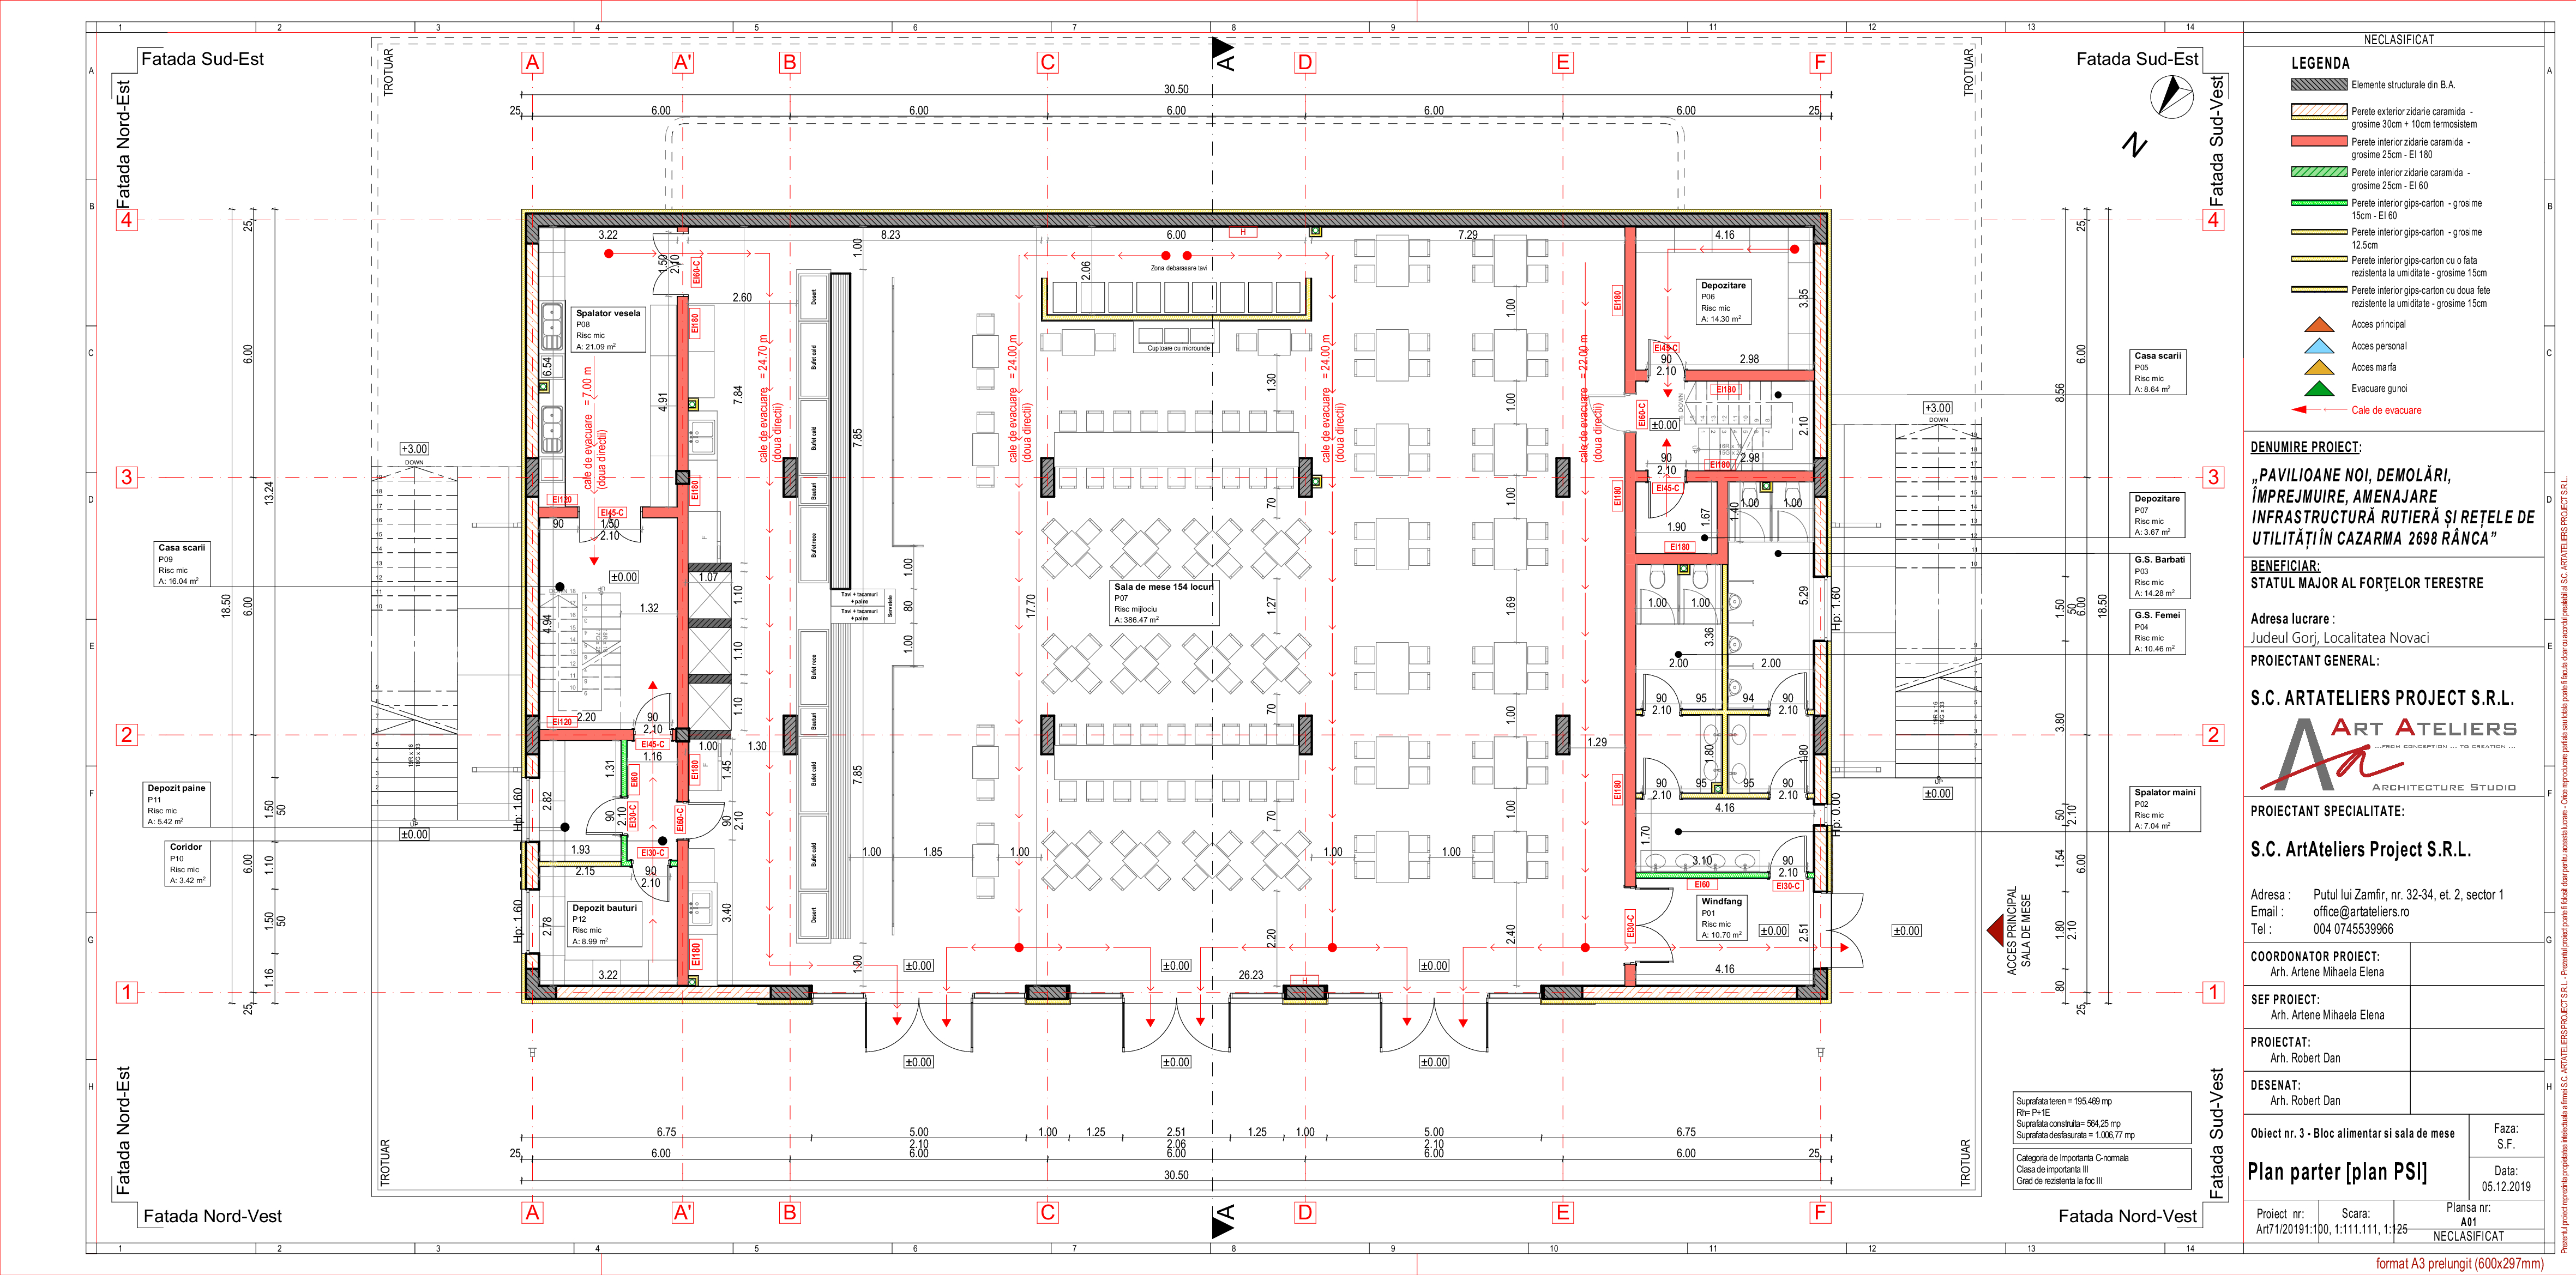 A01-Plan-parter-_plan-PSI_